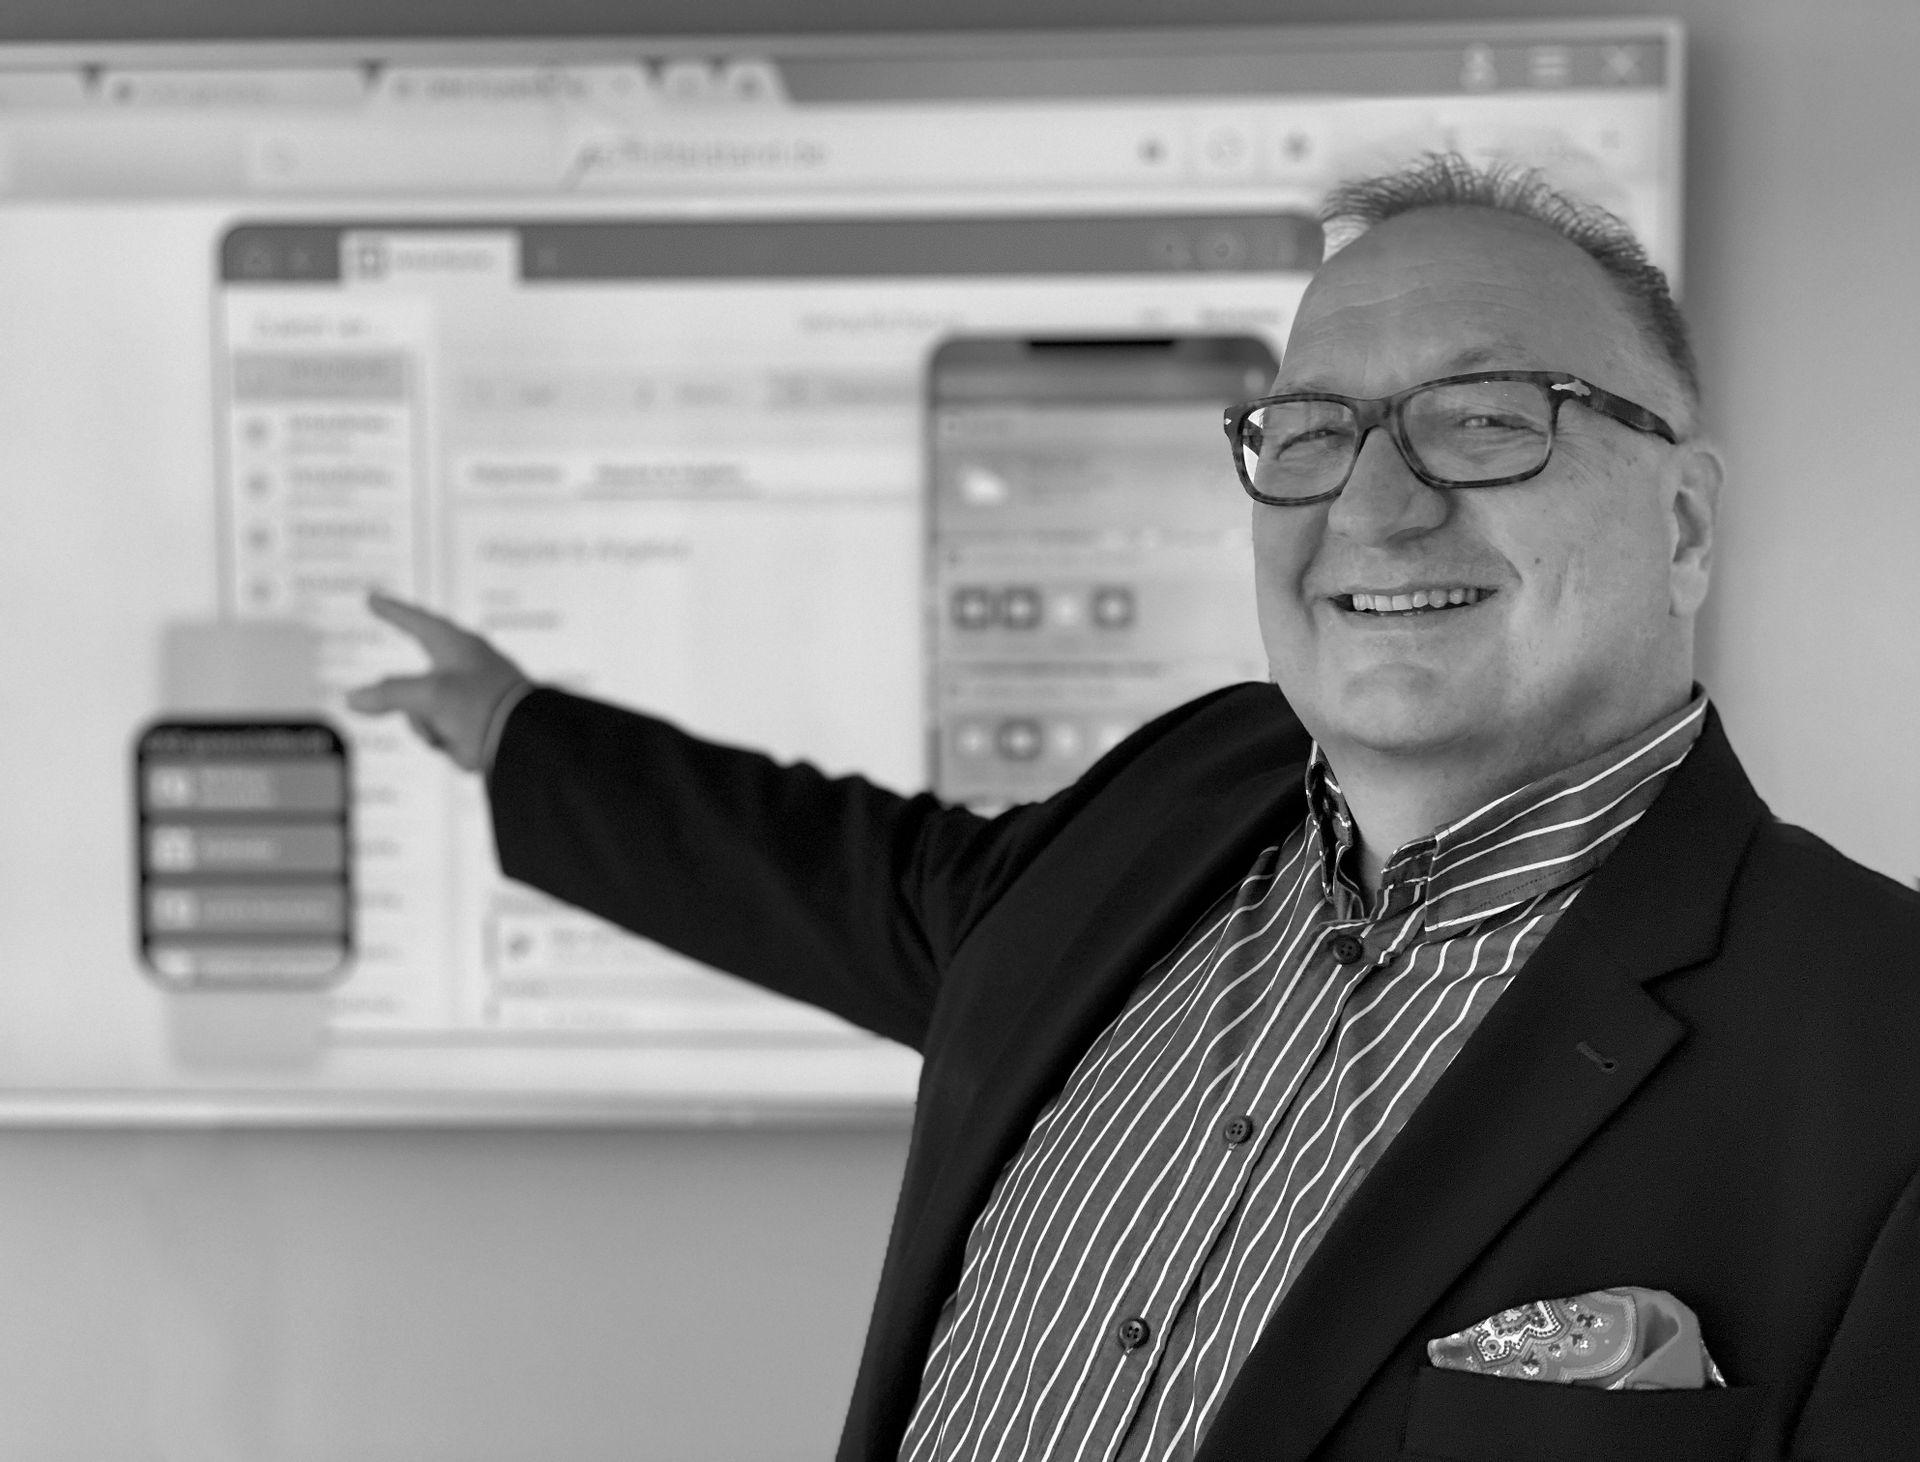 Geschäfts-Prozesse clever und digital gestalten.